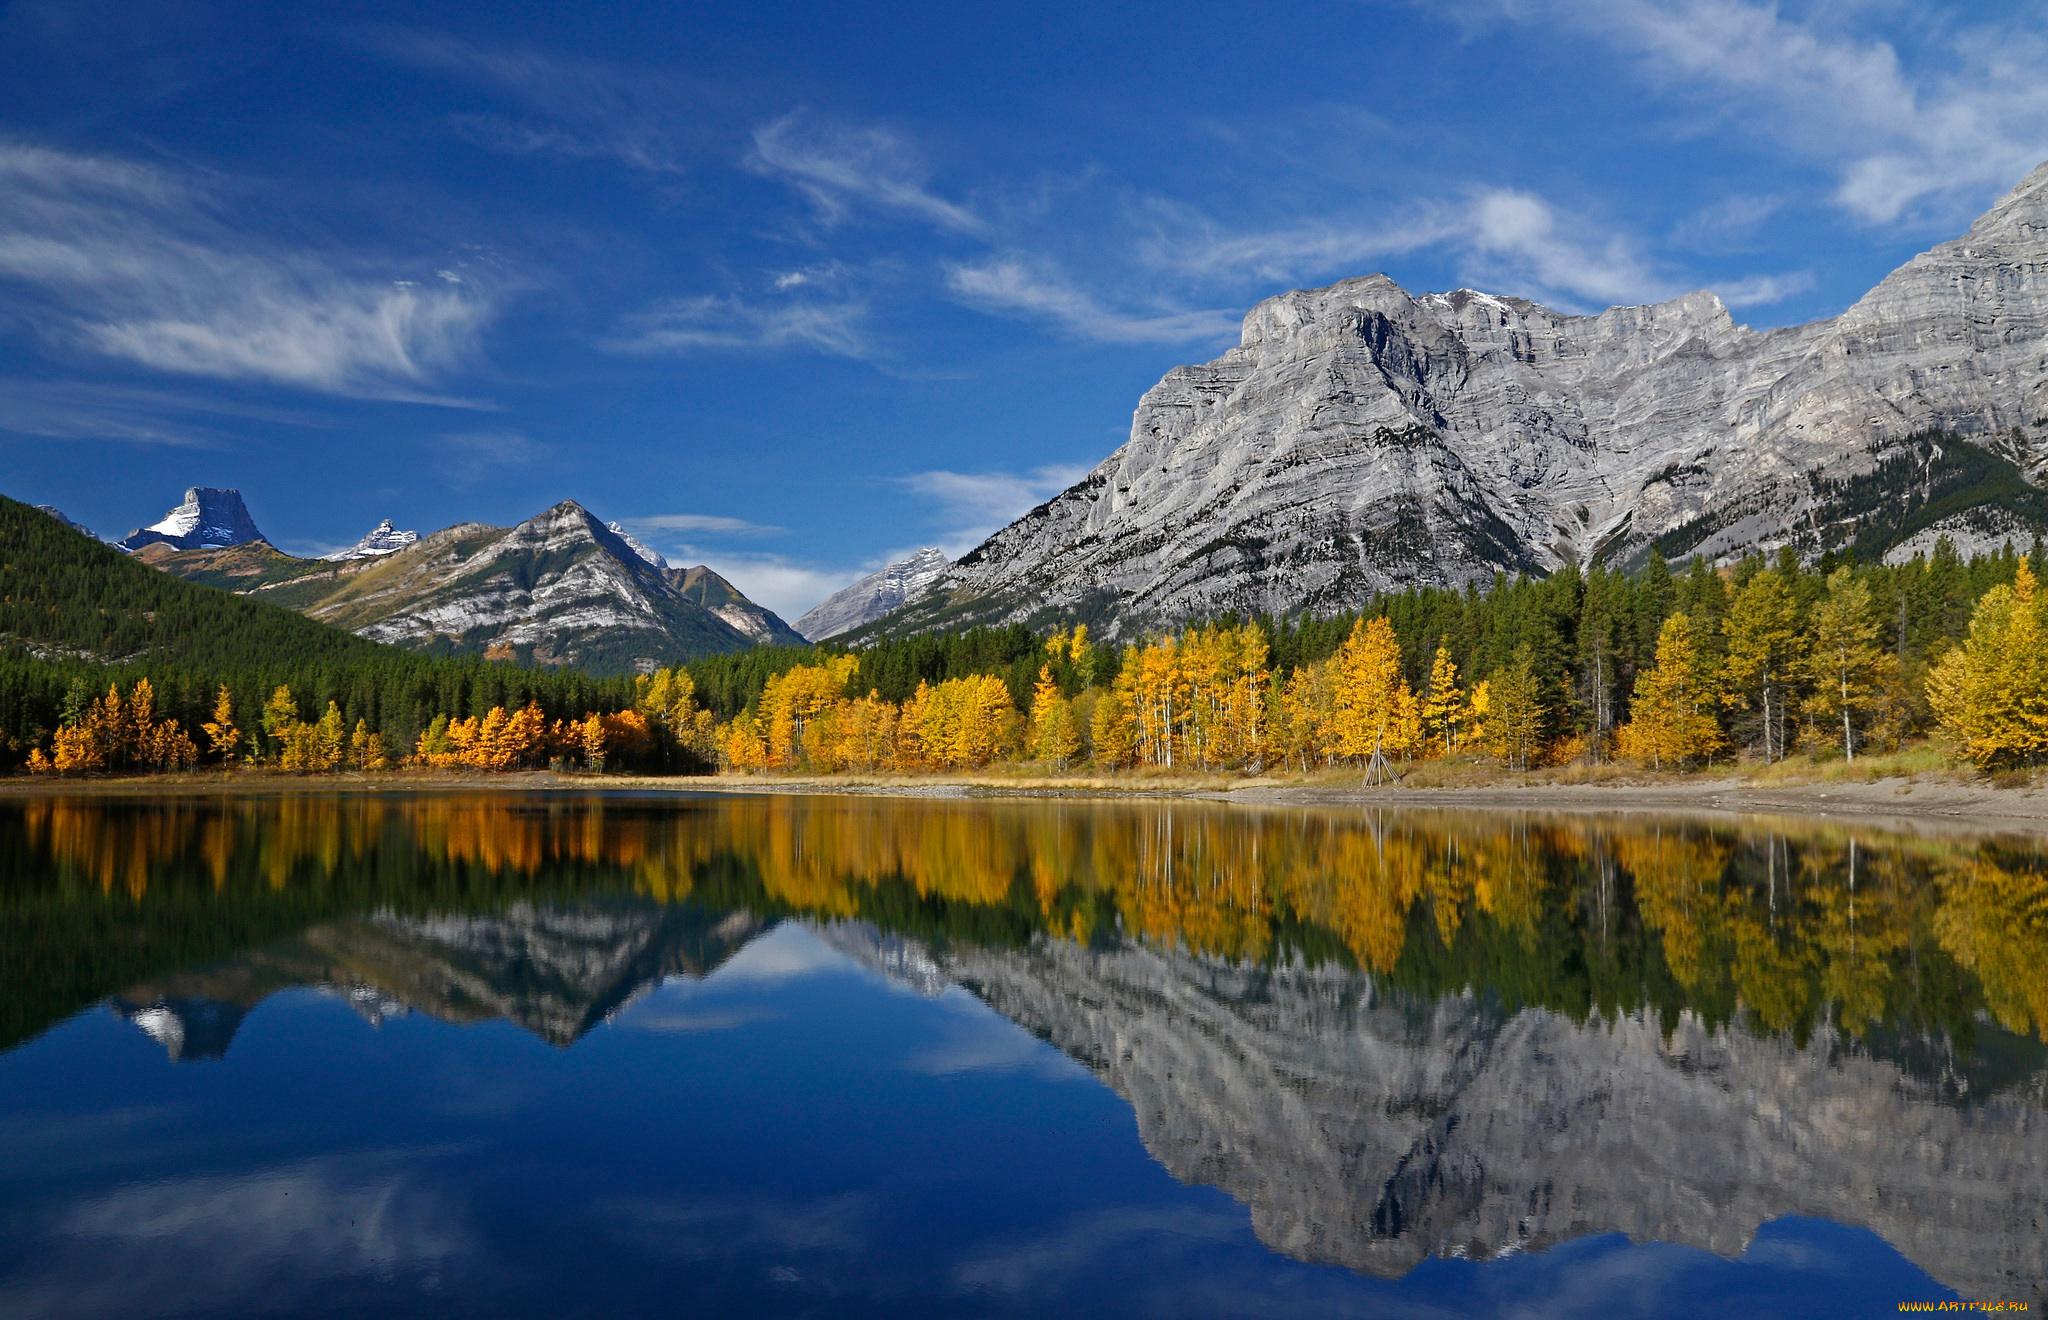 природа деревья осень озеро отражение горы скачать